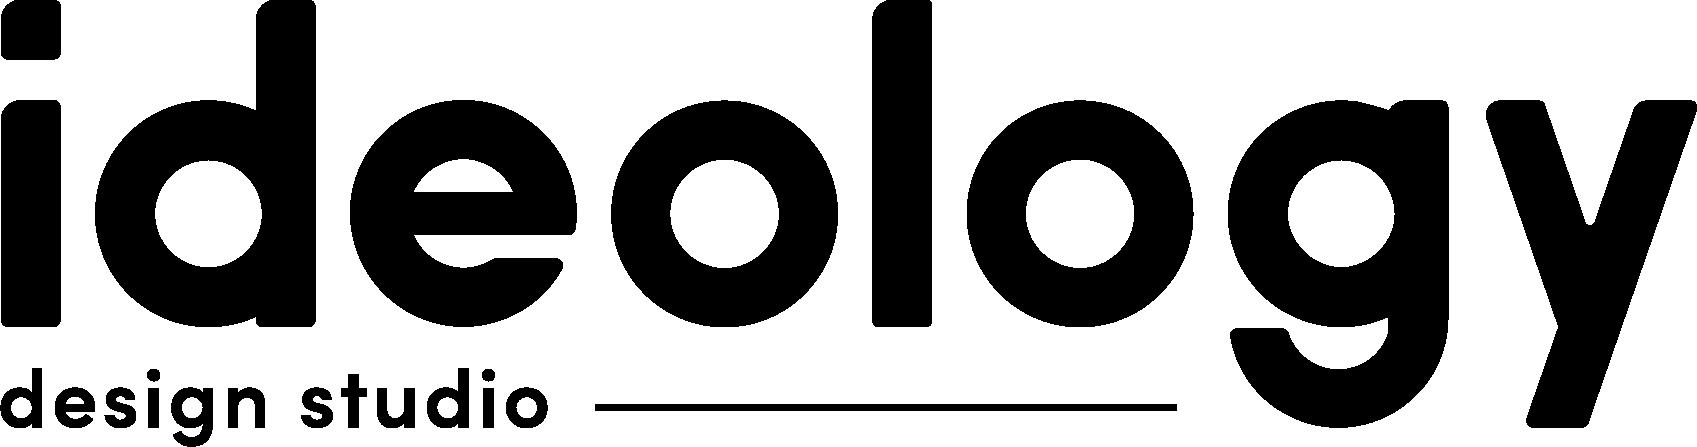 ideology